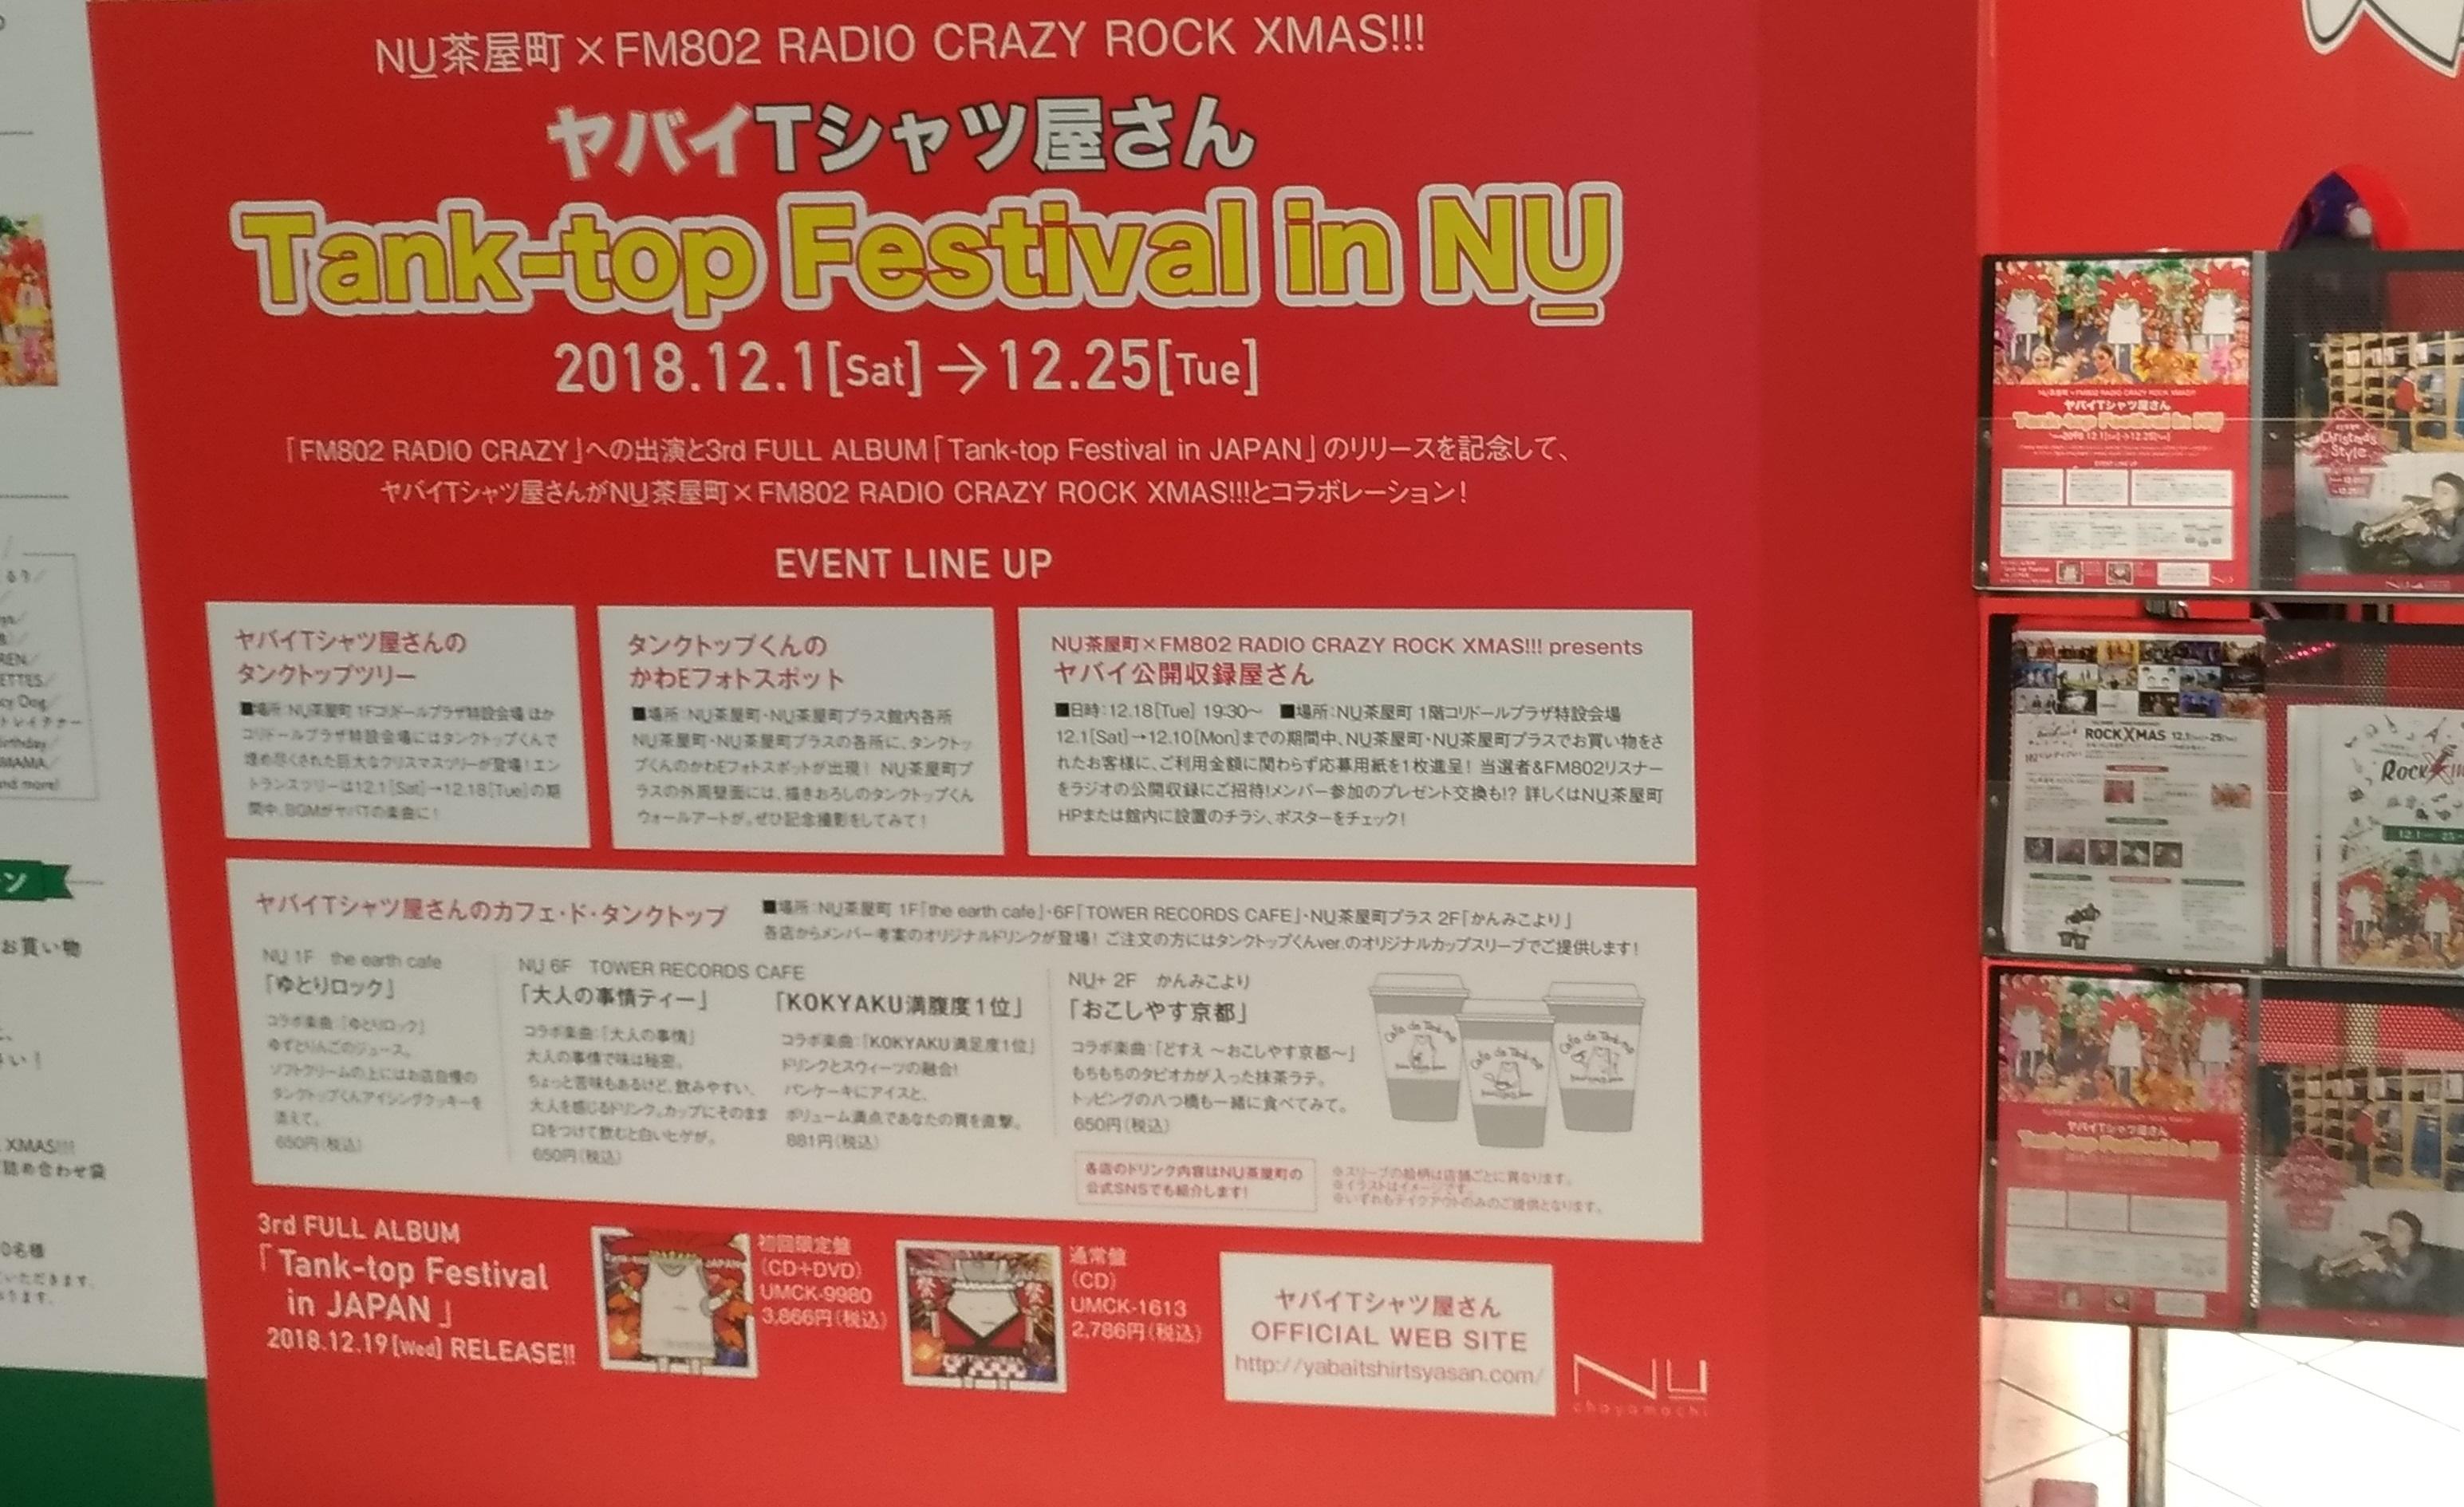 umeda_nu_yabai_tsyatsu1.jpg